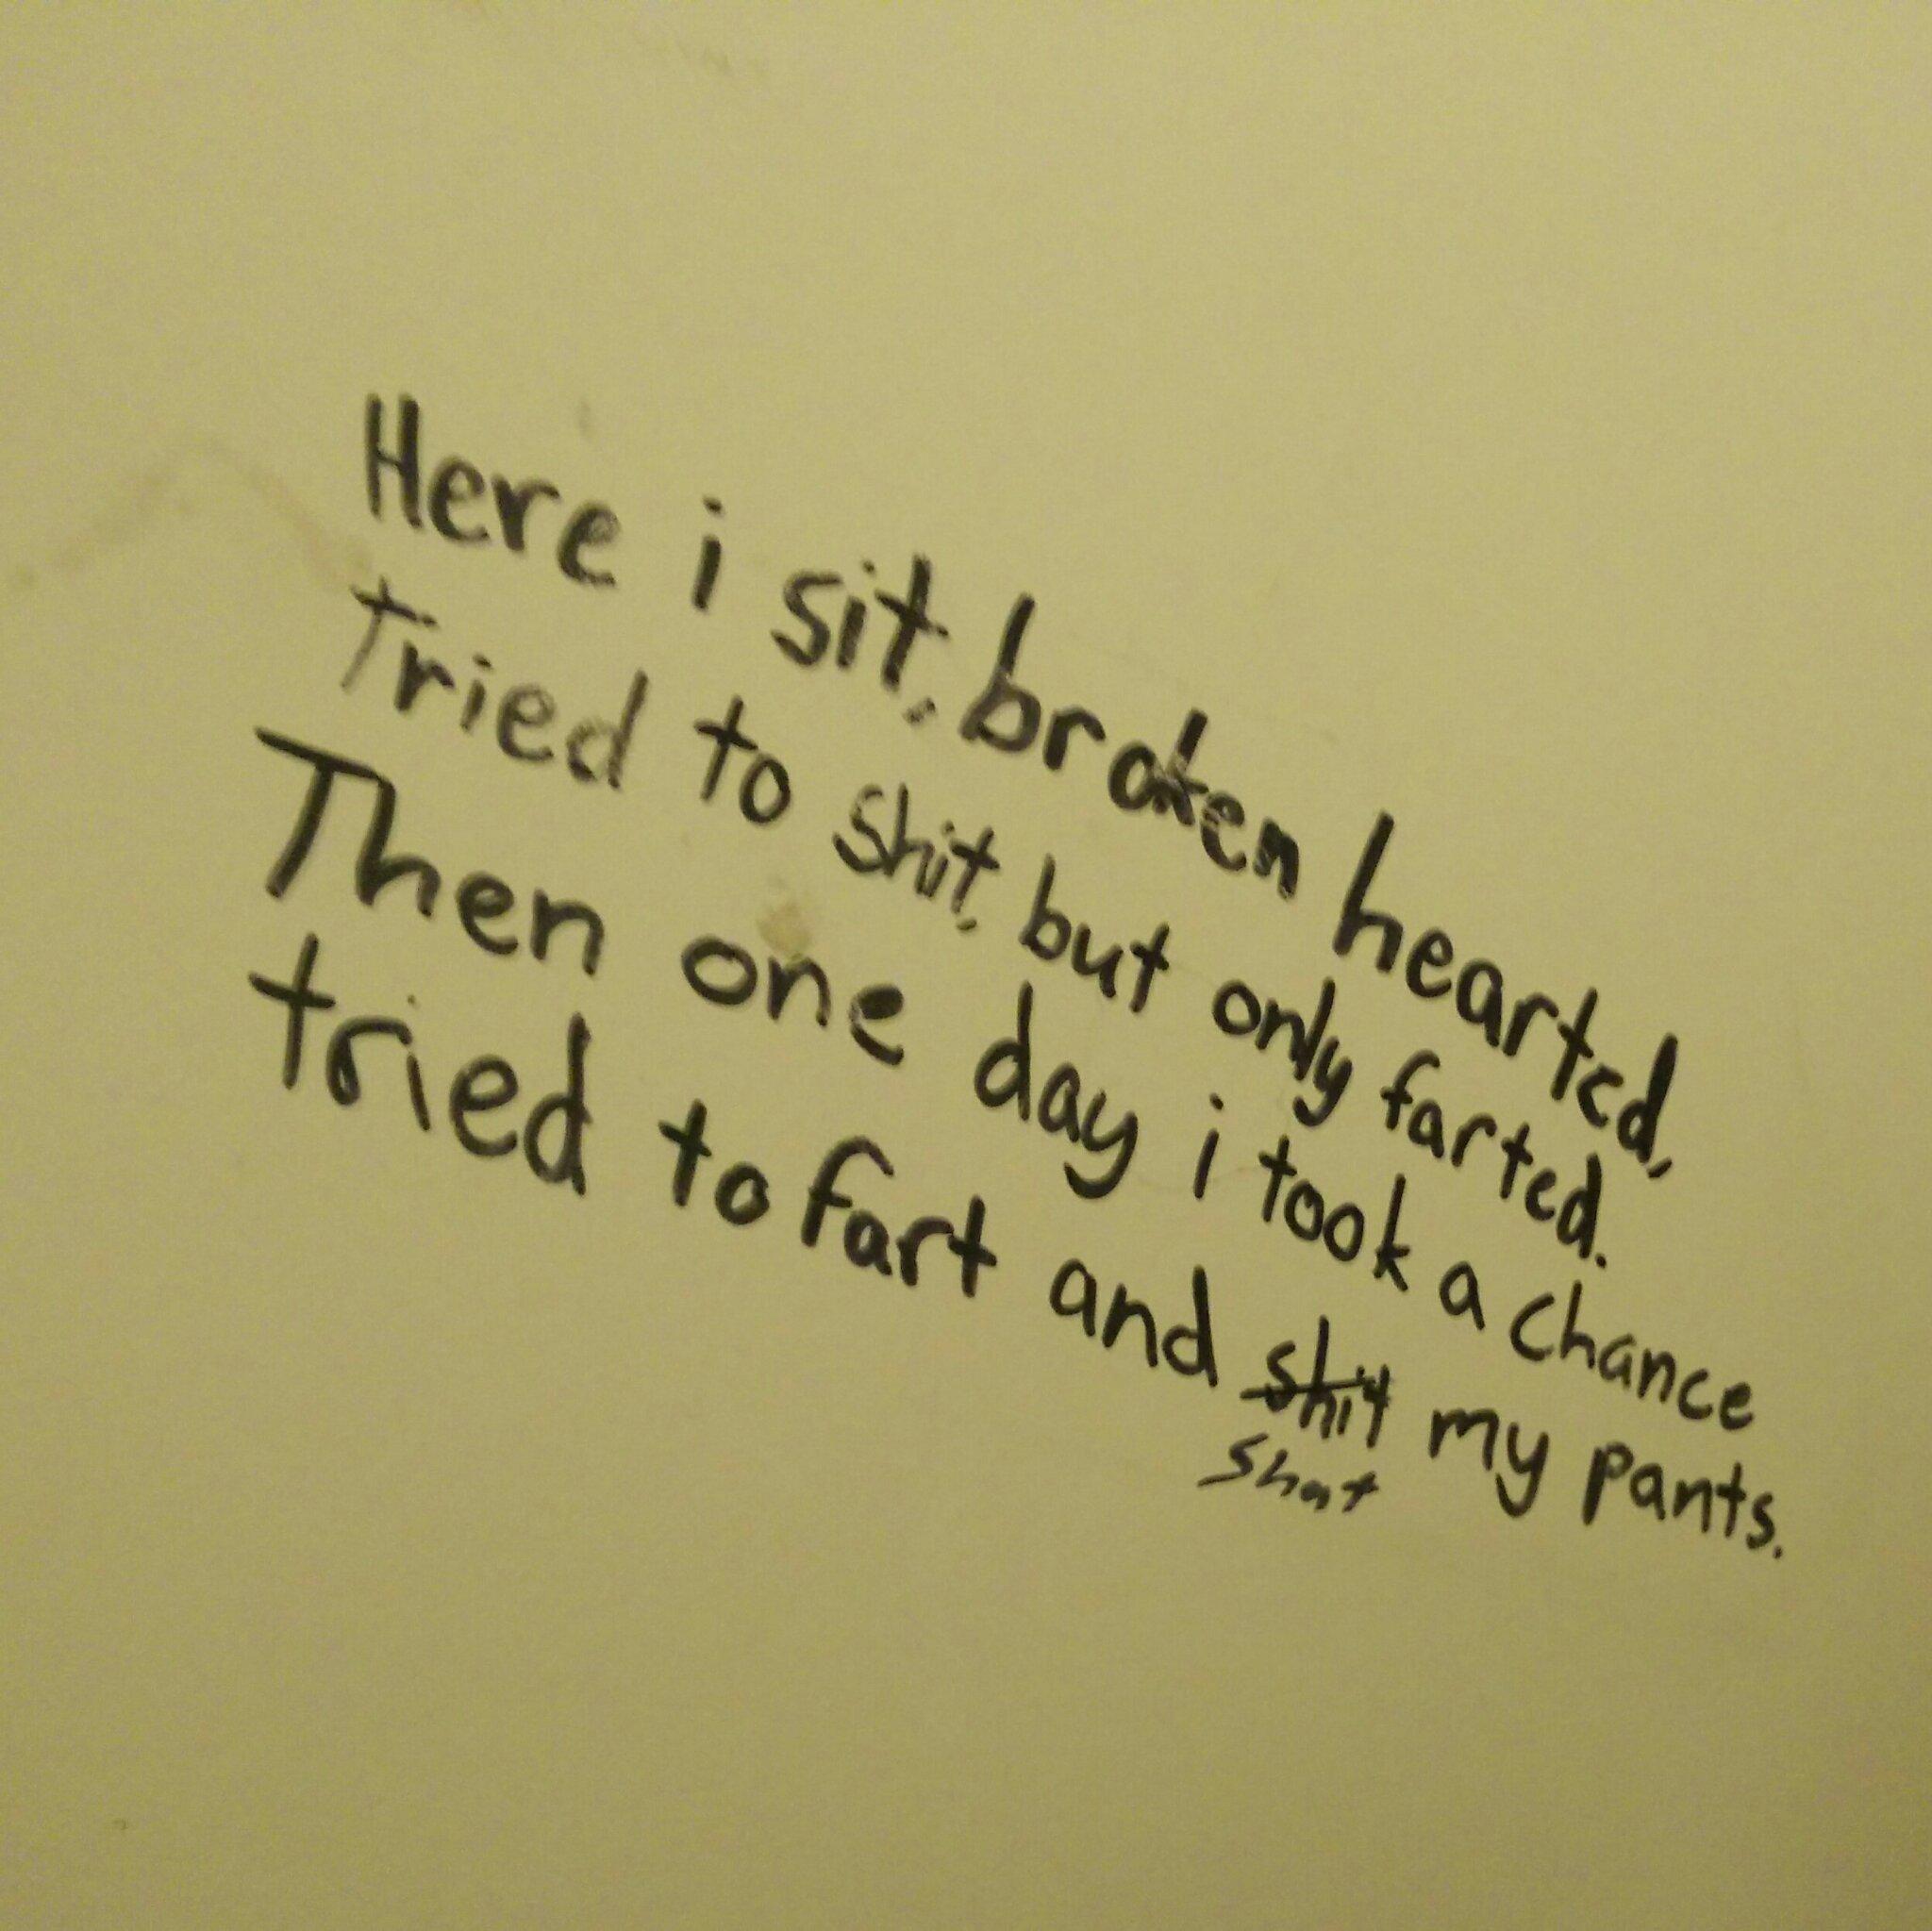 Bathroom poetry in Finland - meme